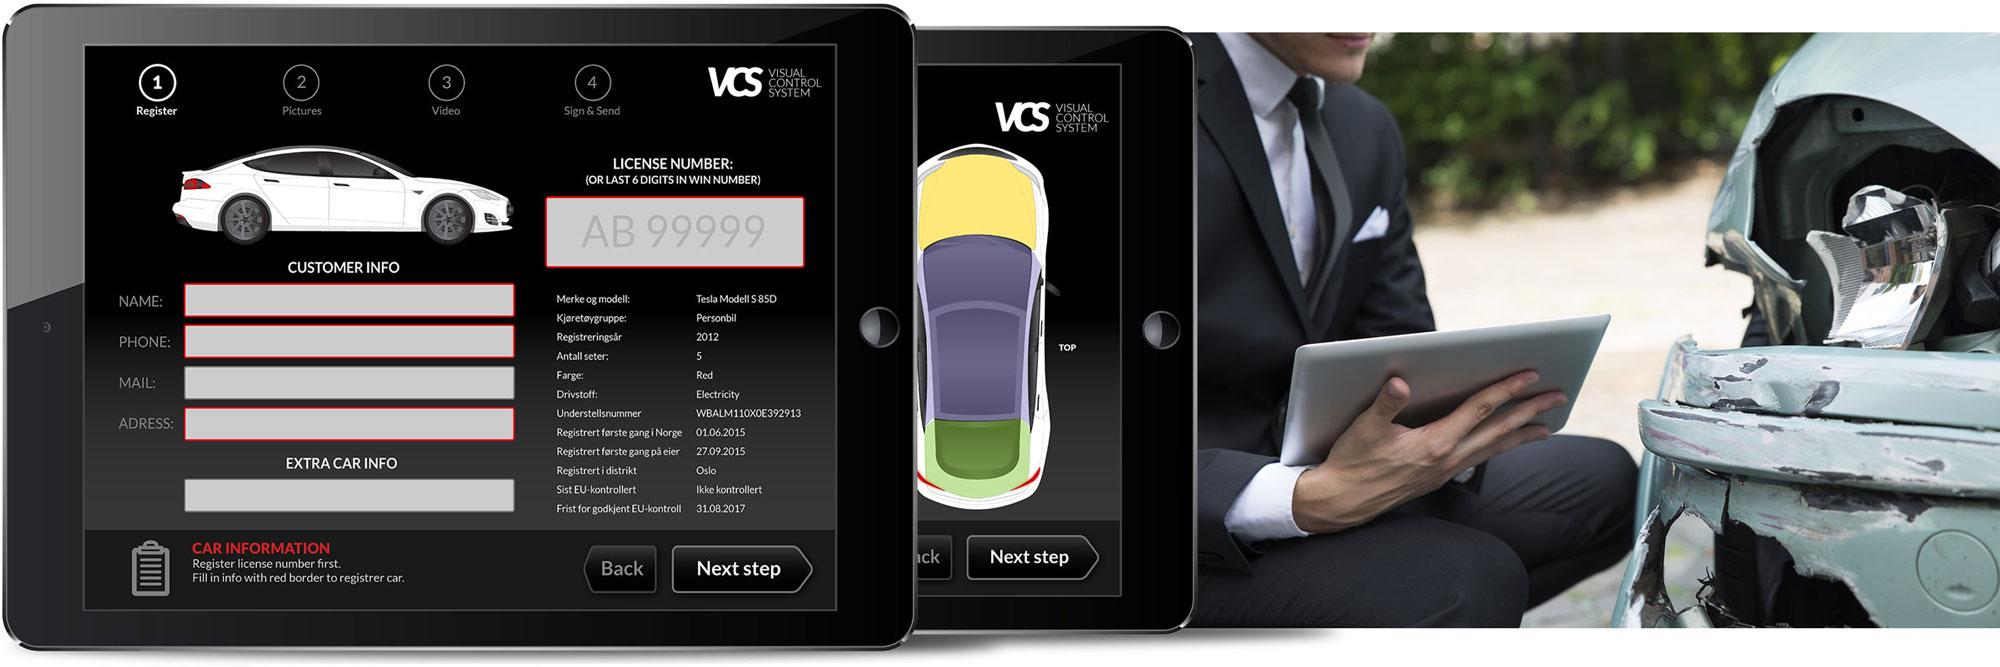 Bilde som viser visual conrol system på ipad og en skadet bil.